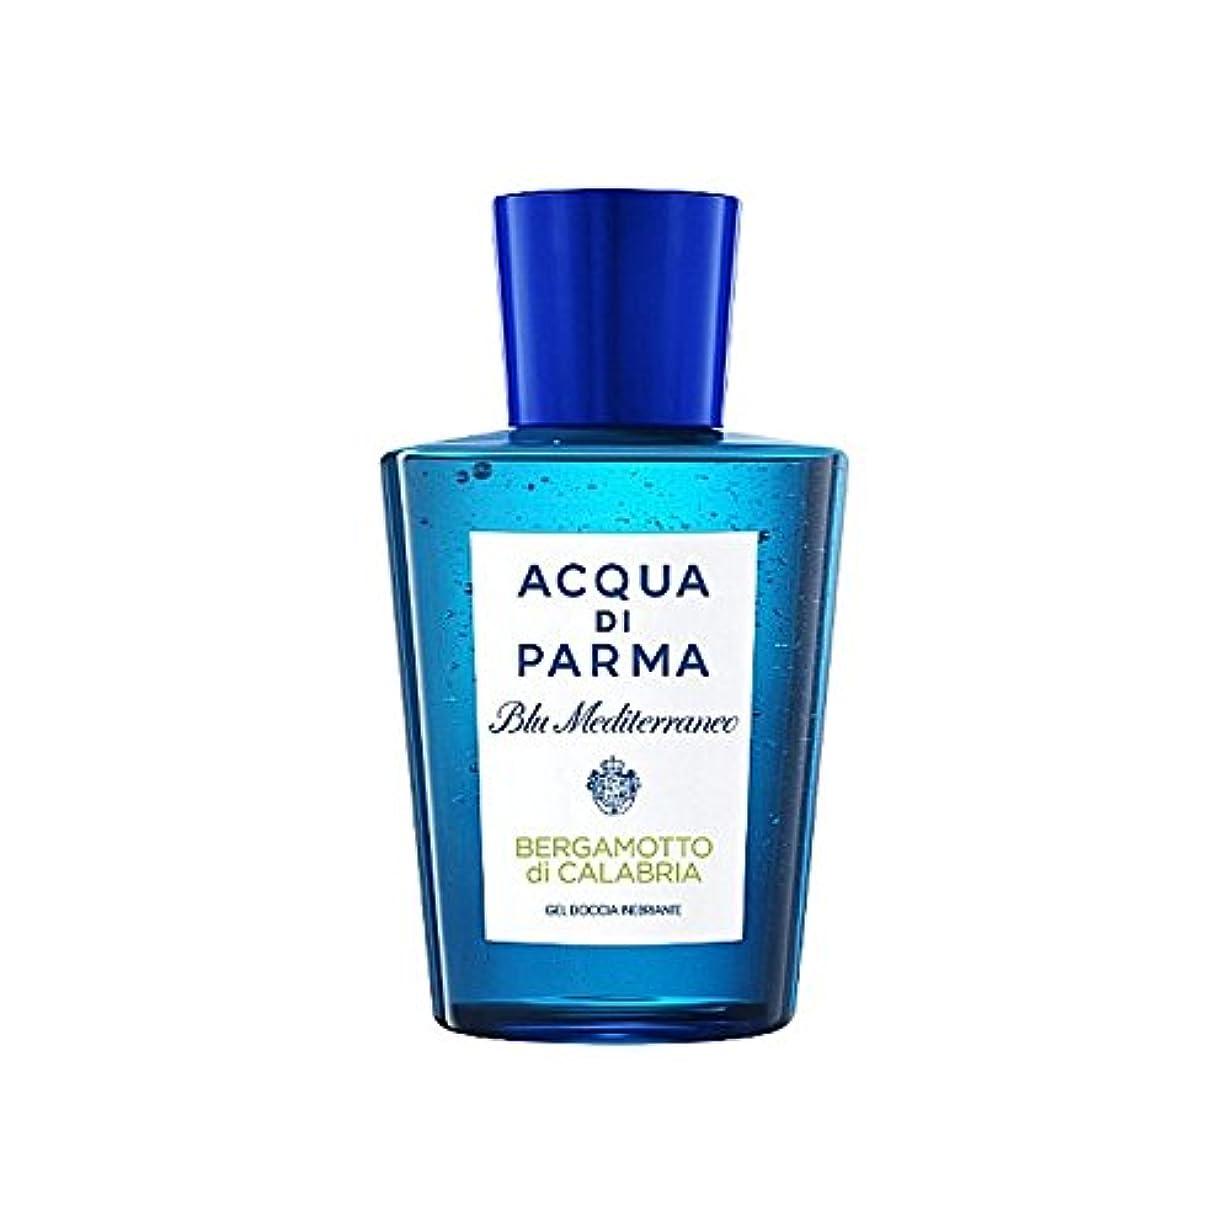 付録扇動承知しましたAcqua Di Parma Blu Mediterraneo Bergamotto Di Calabria Shower Gel 200ml - アクアディパルマブルーメディのディカラブリアシャワージェル200 [並行輸入品]